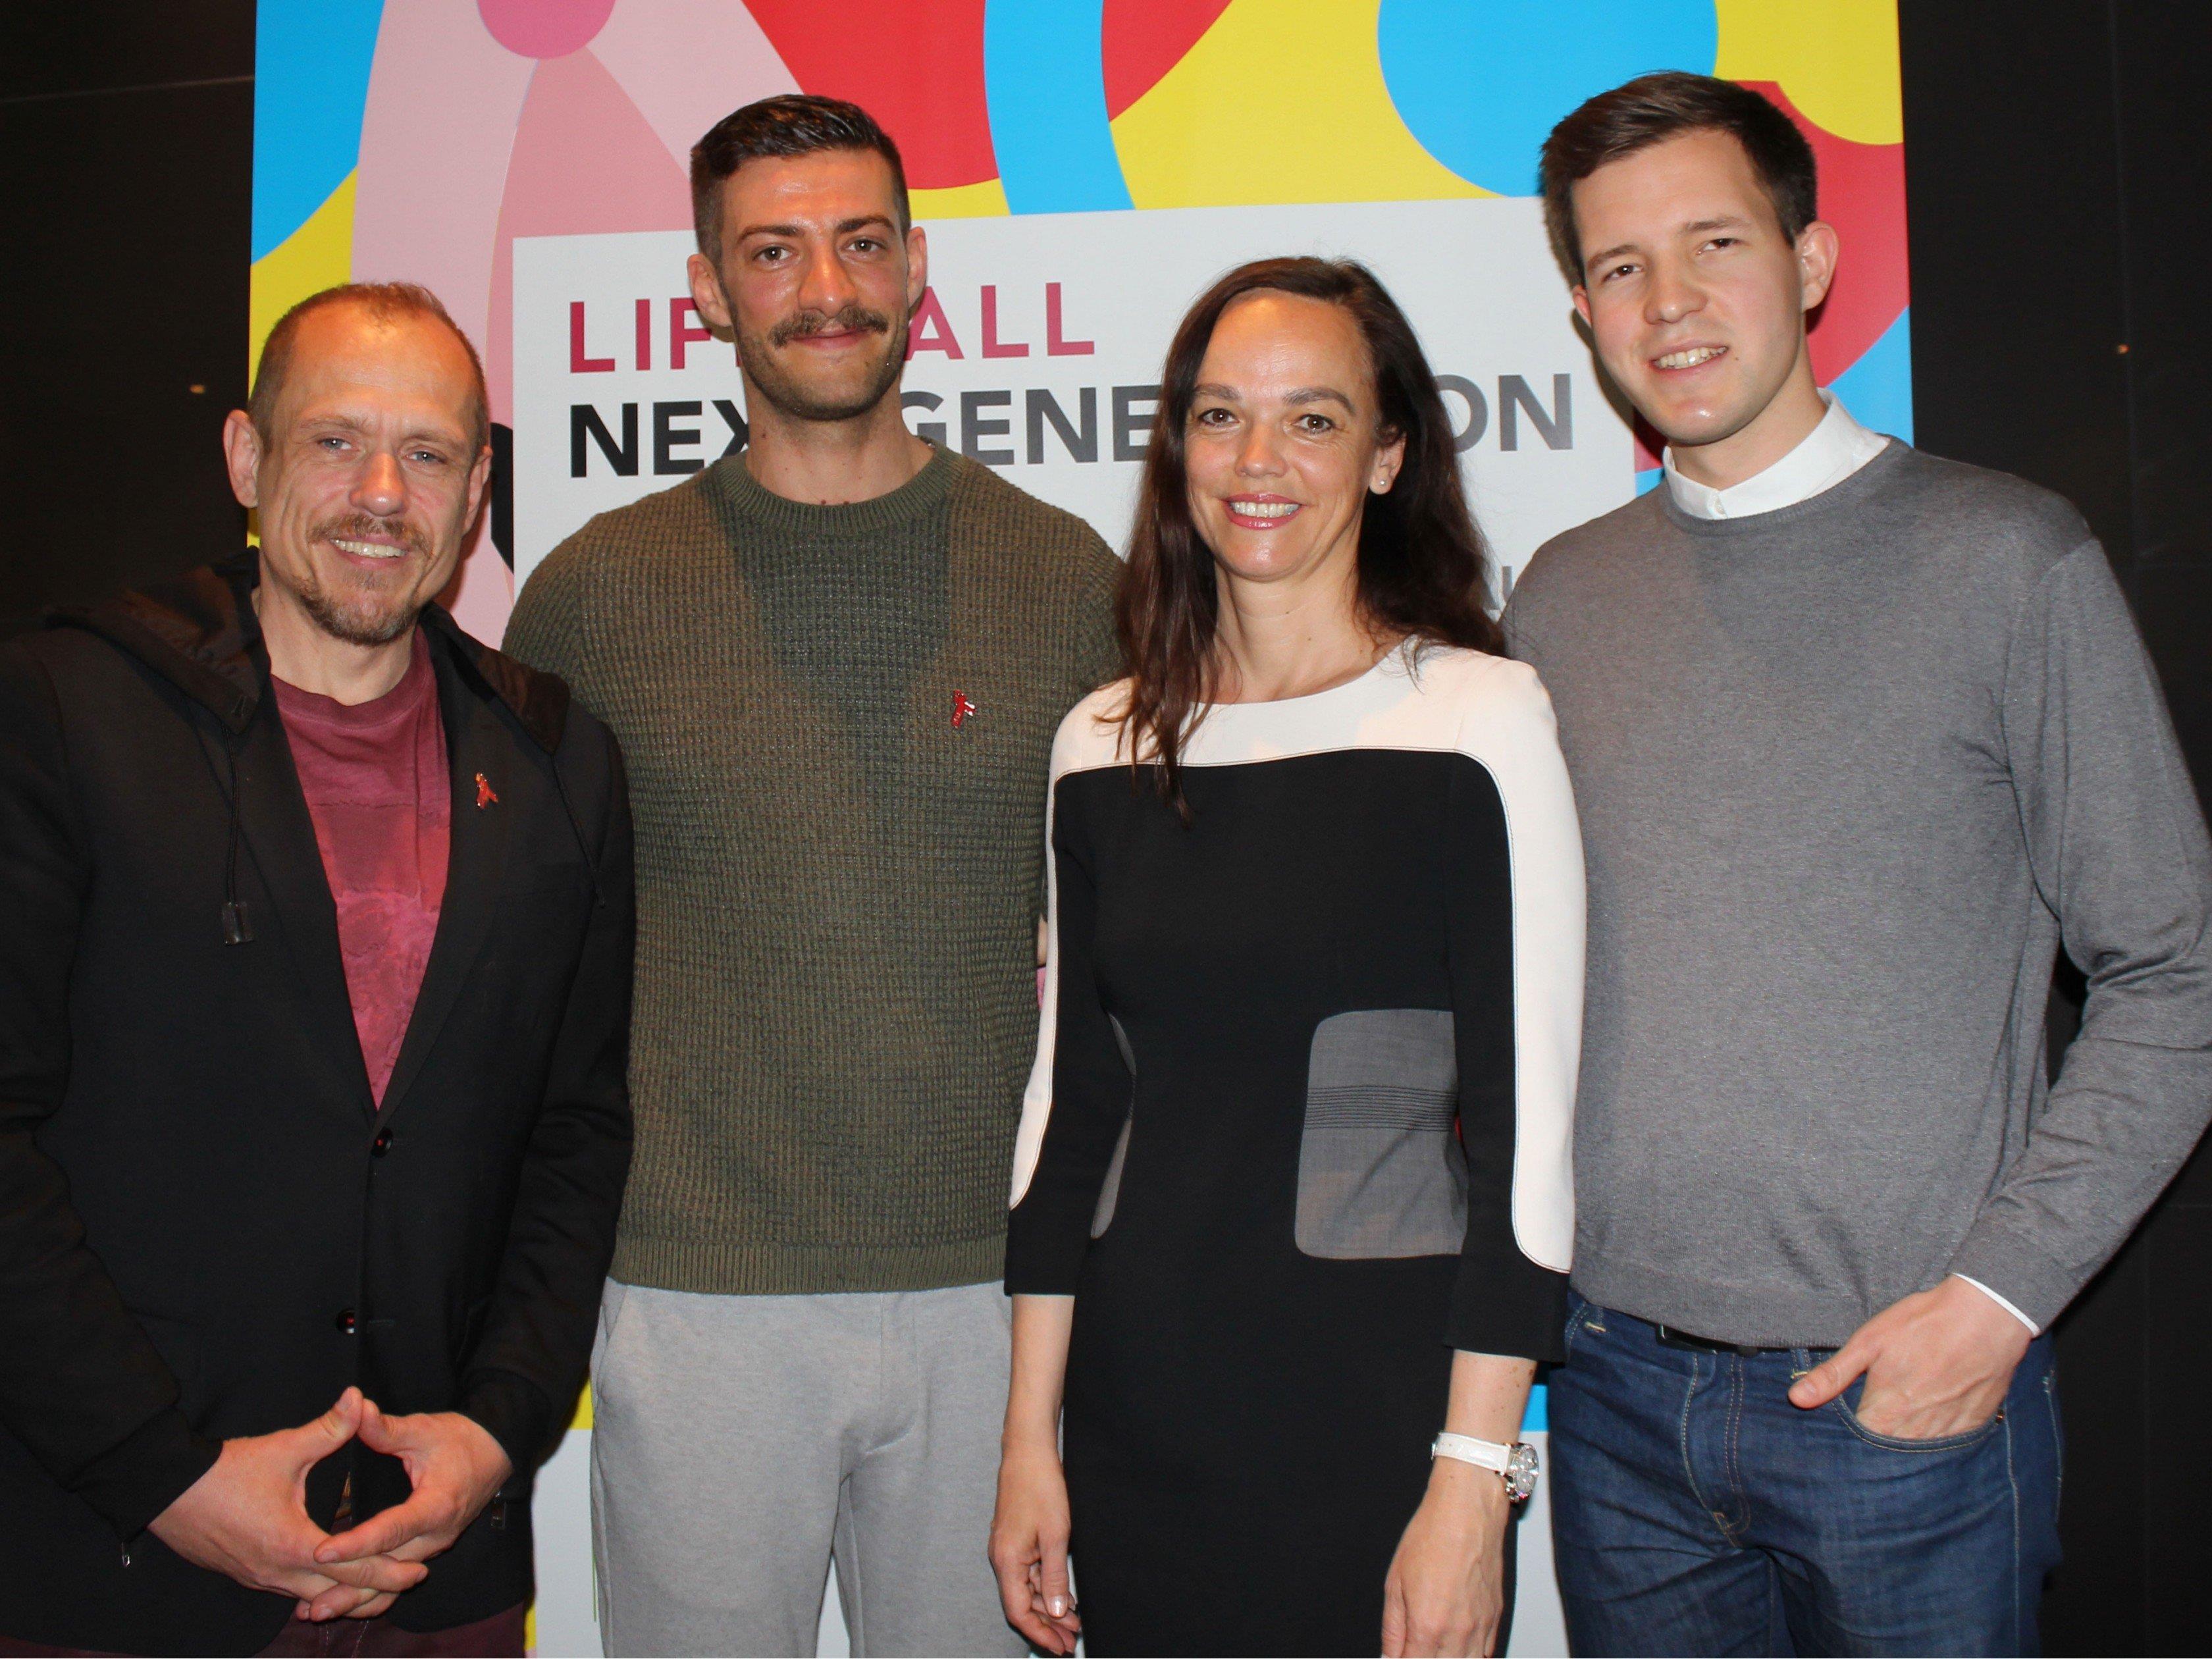 """Bei der Pressekonferenz zu """"Lifeball: Next Generation""""."""